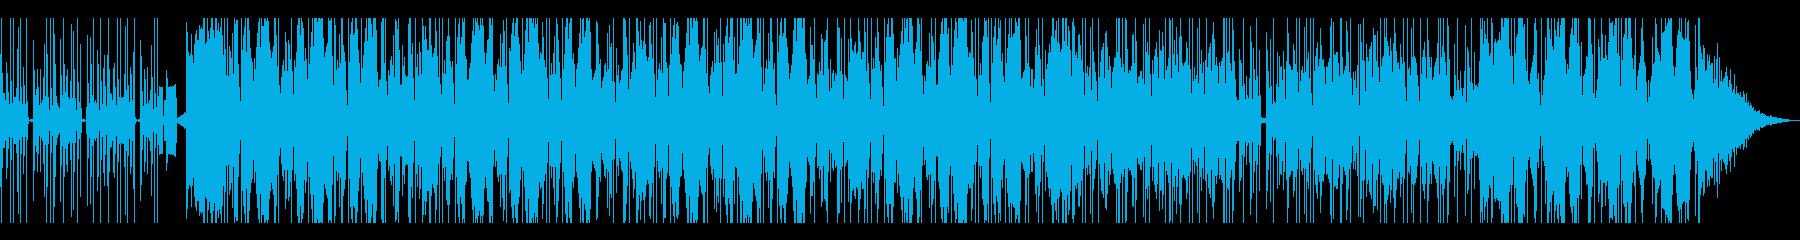 ドキドキ 焦る音の再生済みの波形